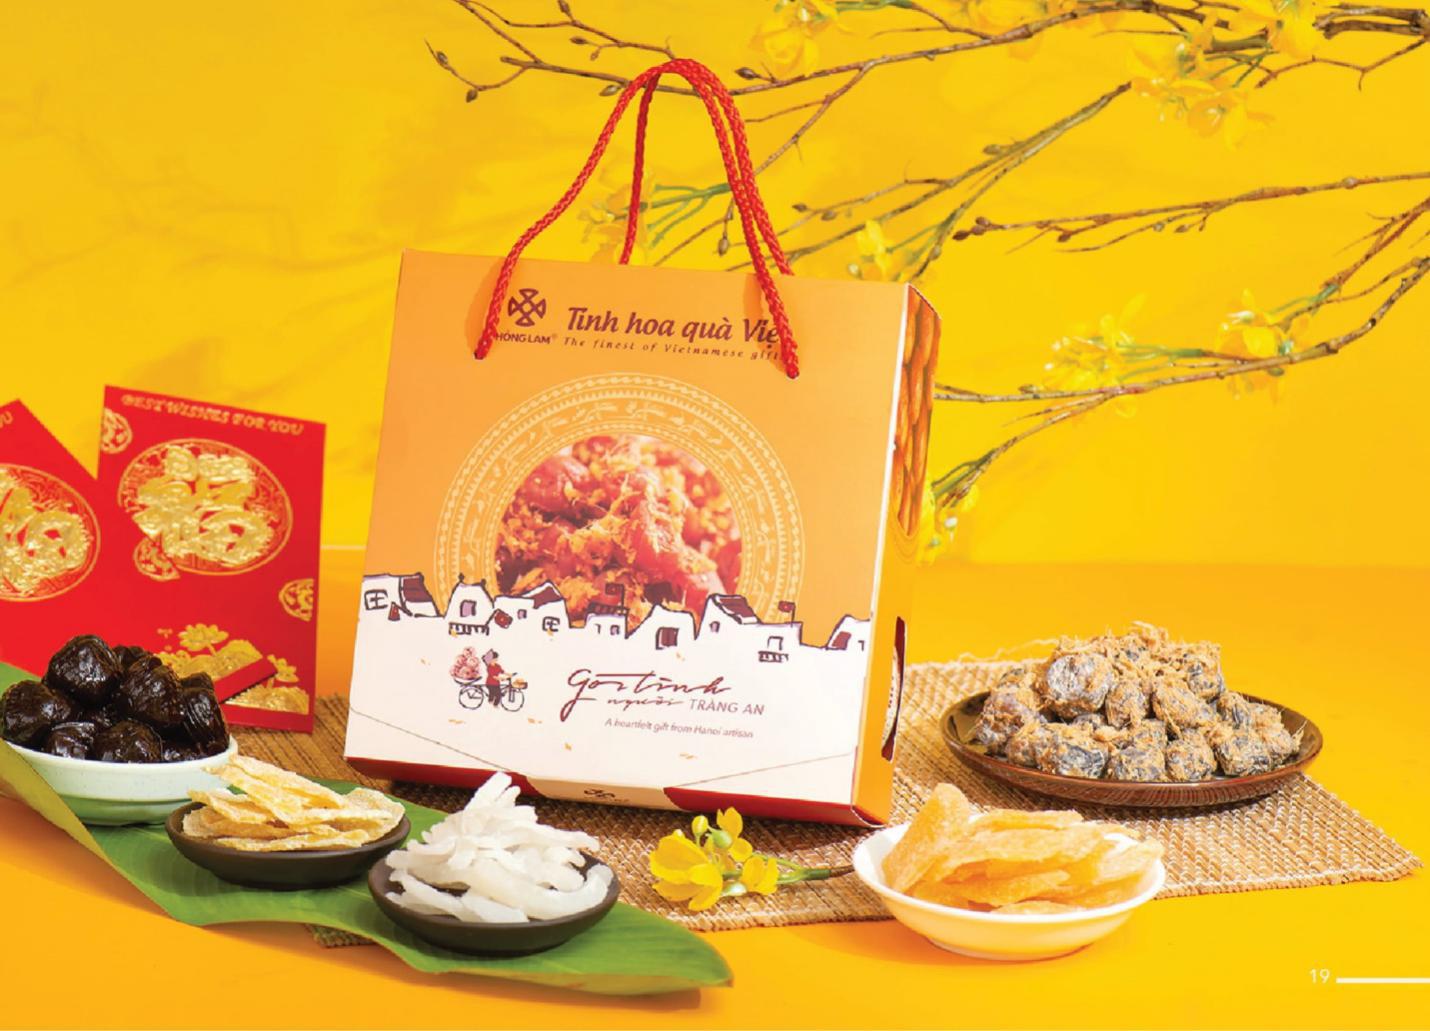 Sát Tết, phải chuẩn bị chọn ngay những bộ quà tuyệt phẩm từ ô mai Hồng Lam - Ảnh 4.